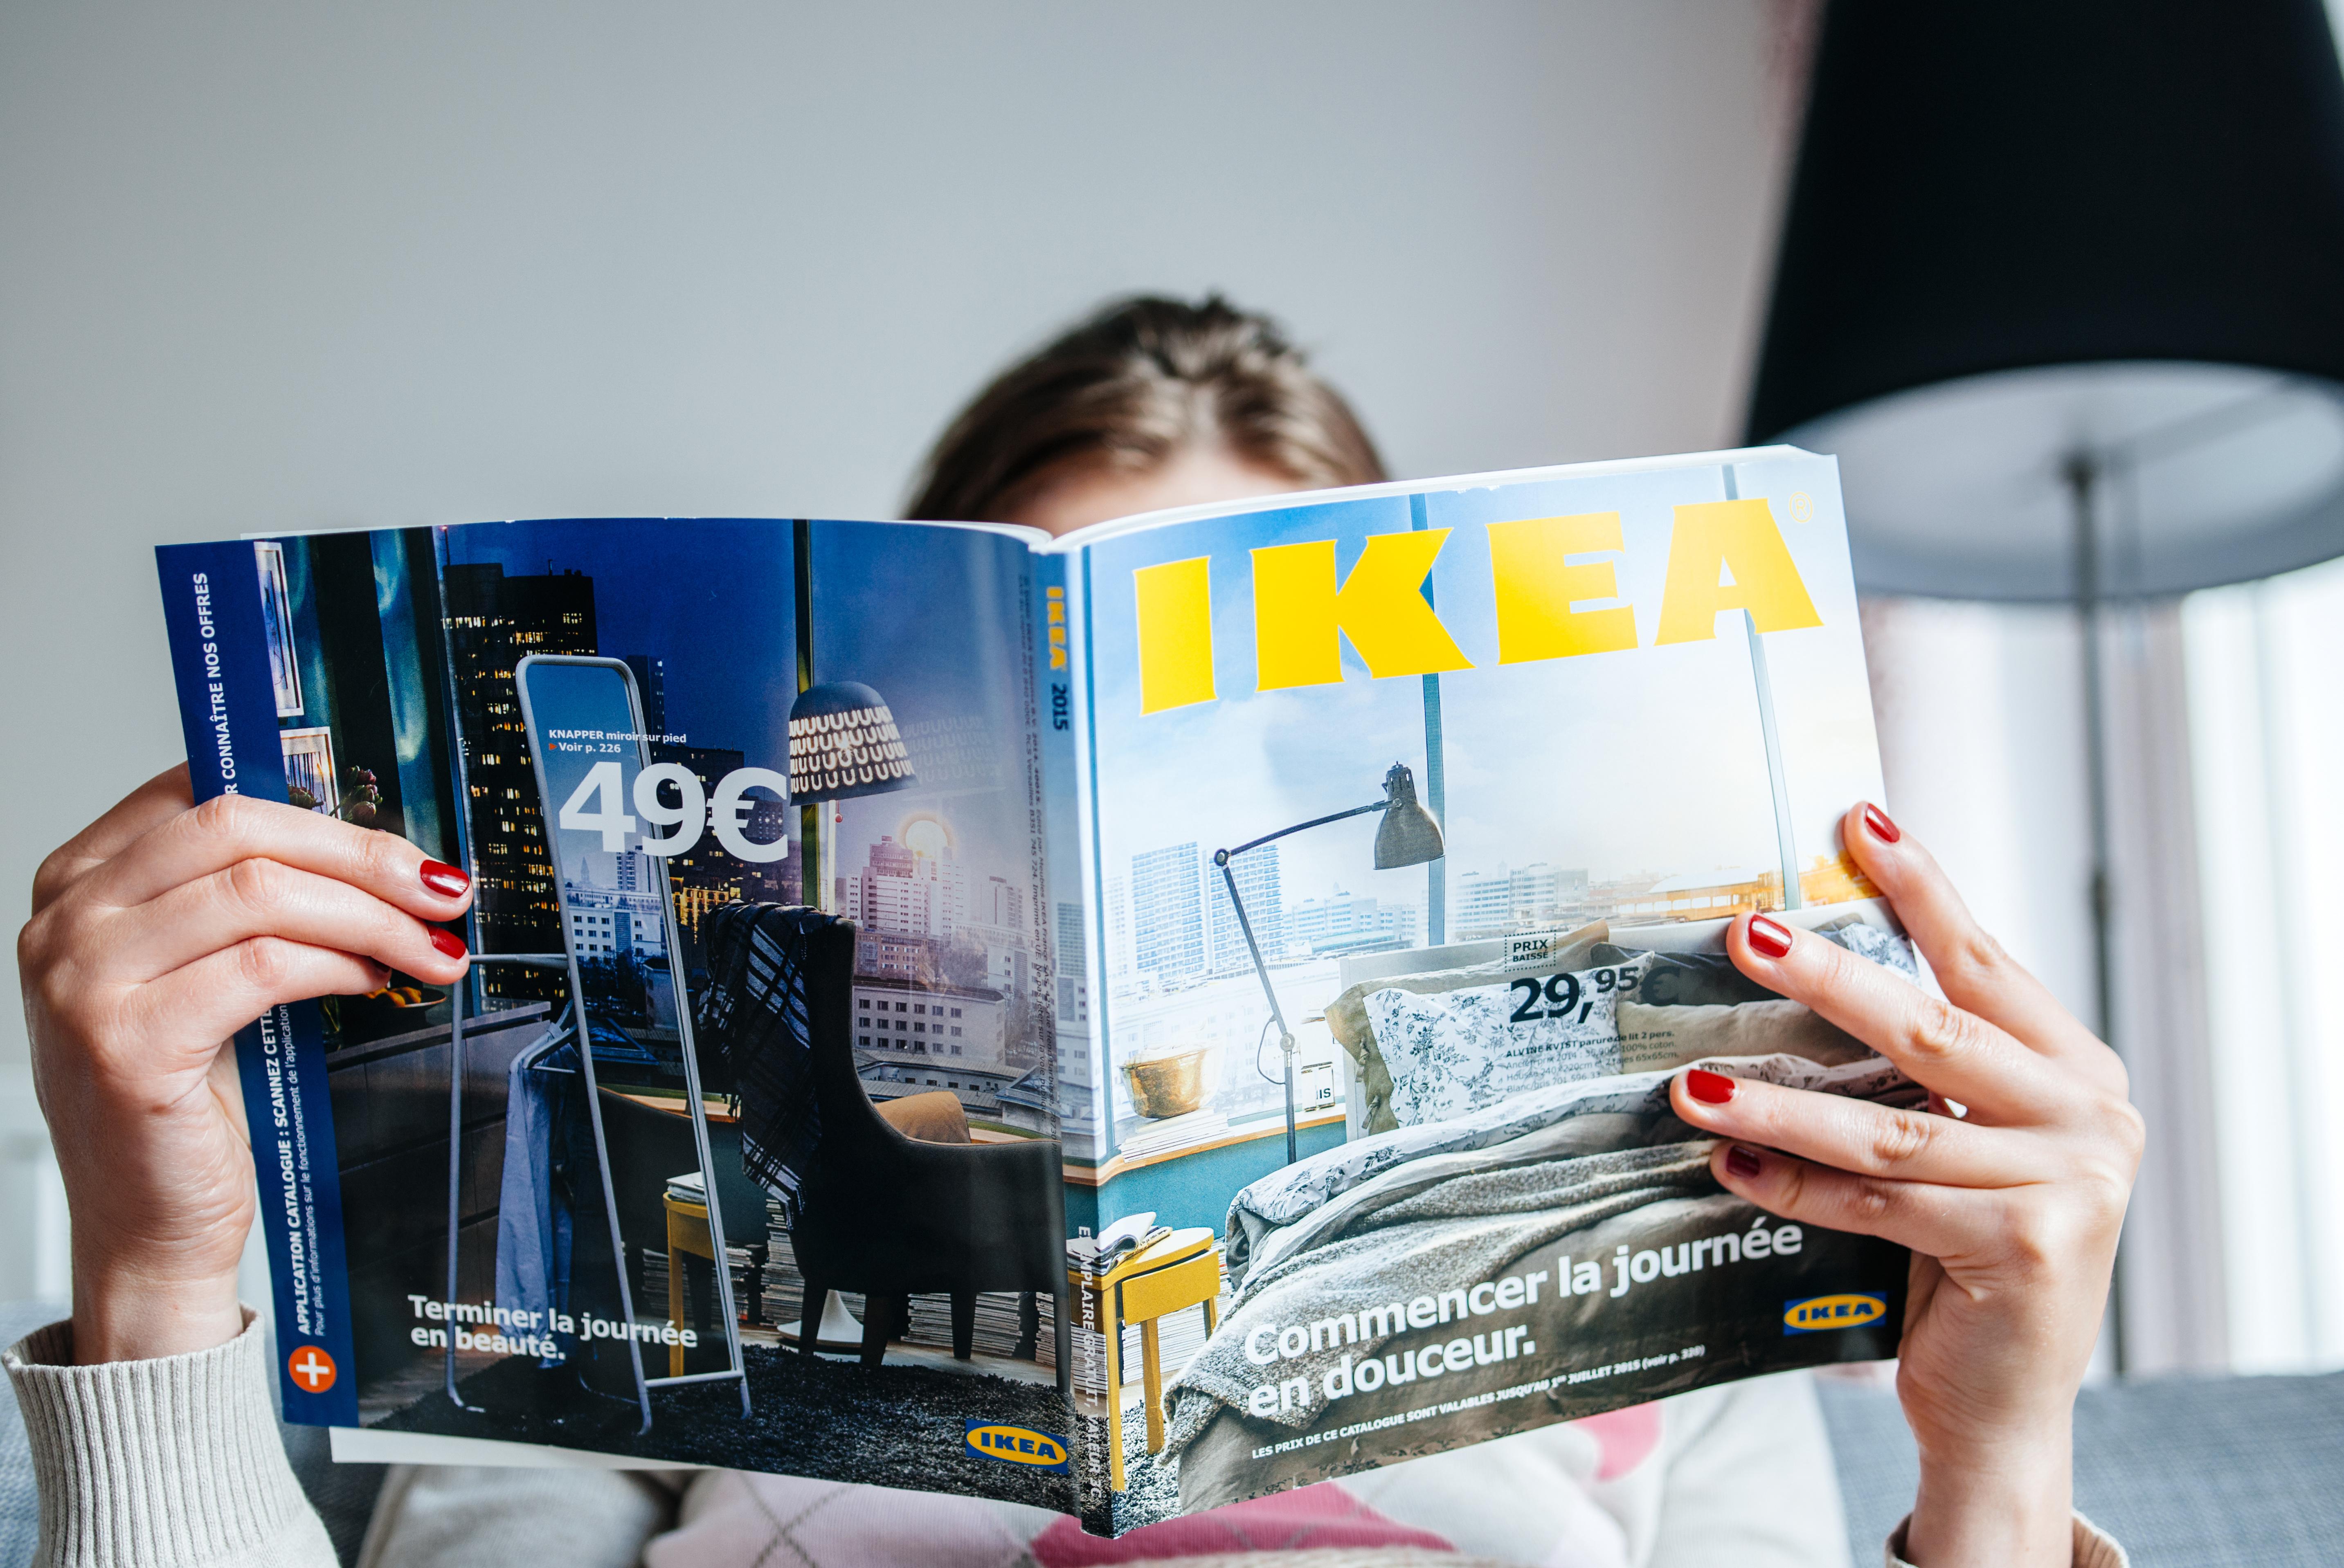 5baf9ab44dc709 Ikea otworzy sklep z meblami innych marek. Sieć czeka prawdziwa rewolucja -  Money.pl